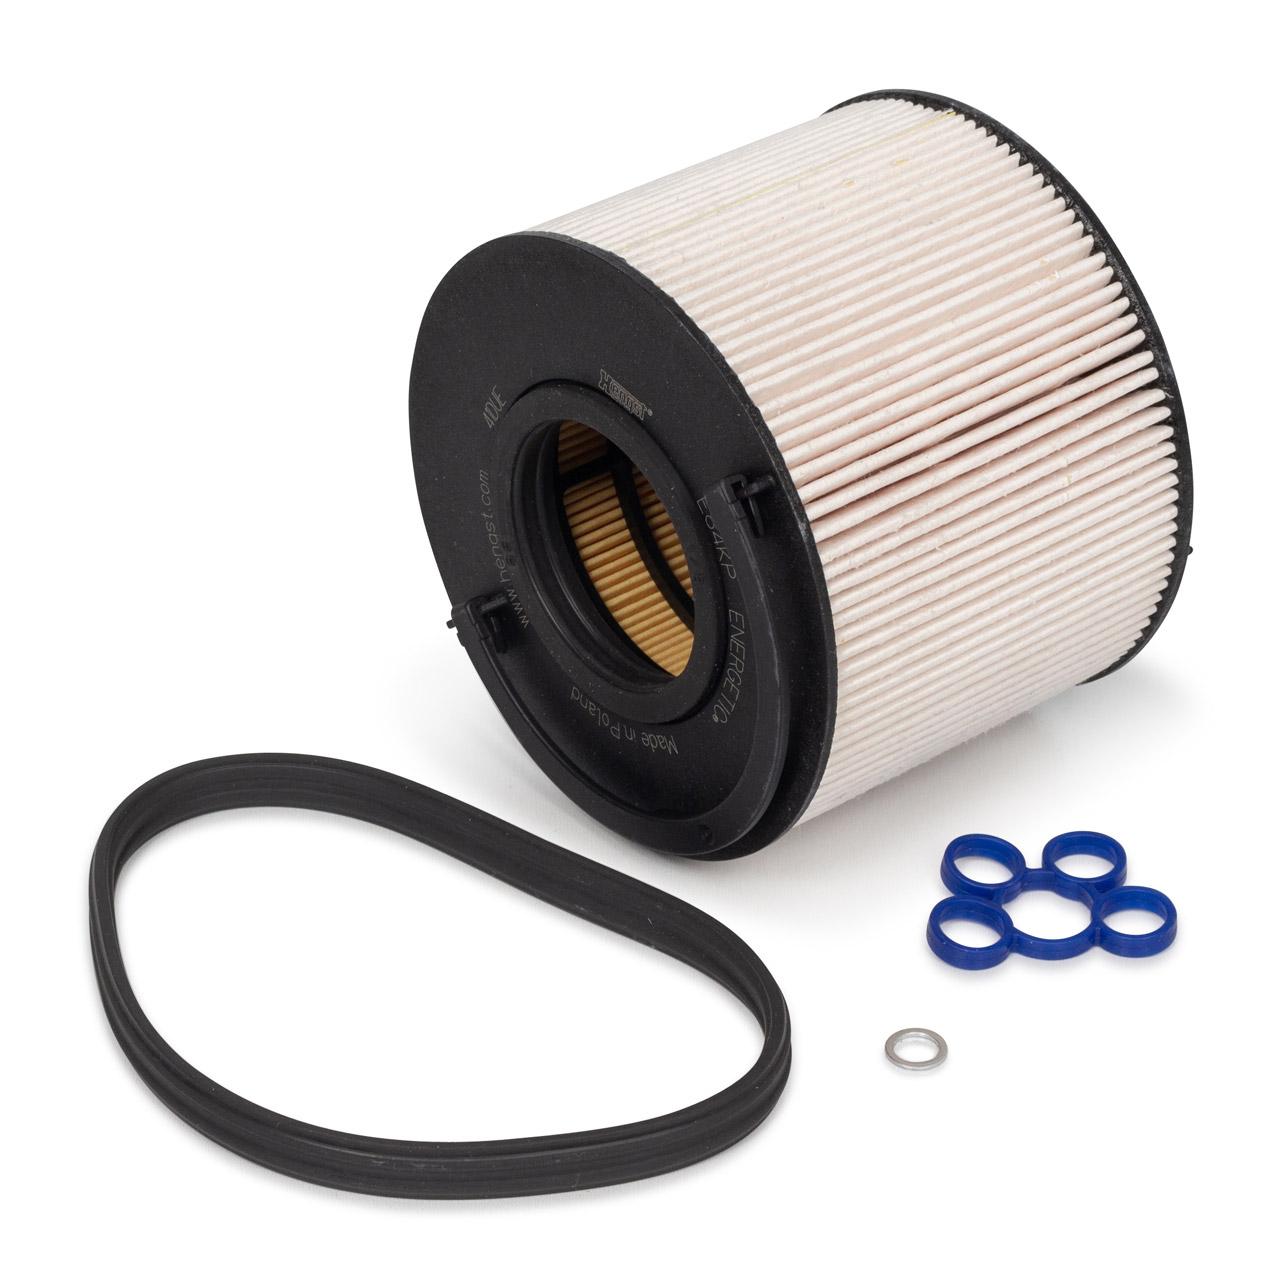 Inspektionskit Filterpaket Filterset für Audi Q7 (4L) VW Touareg (7L) 3.0TDI